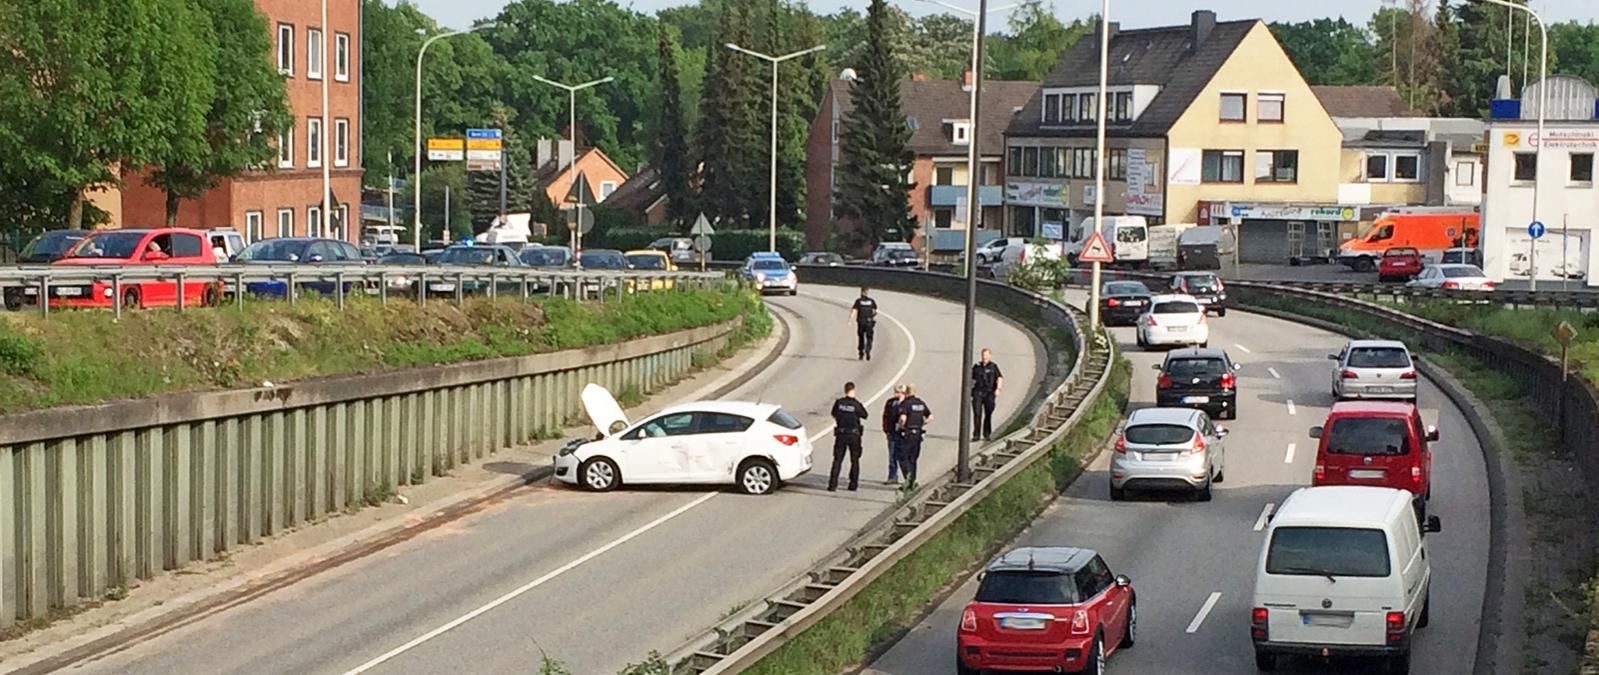 Sperrung B76 nach Unfall lange Staus Kiel